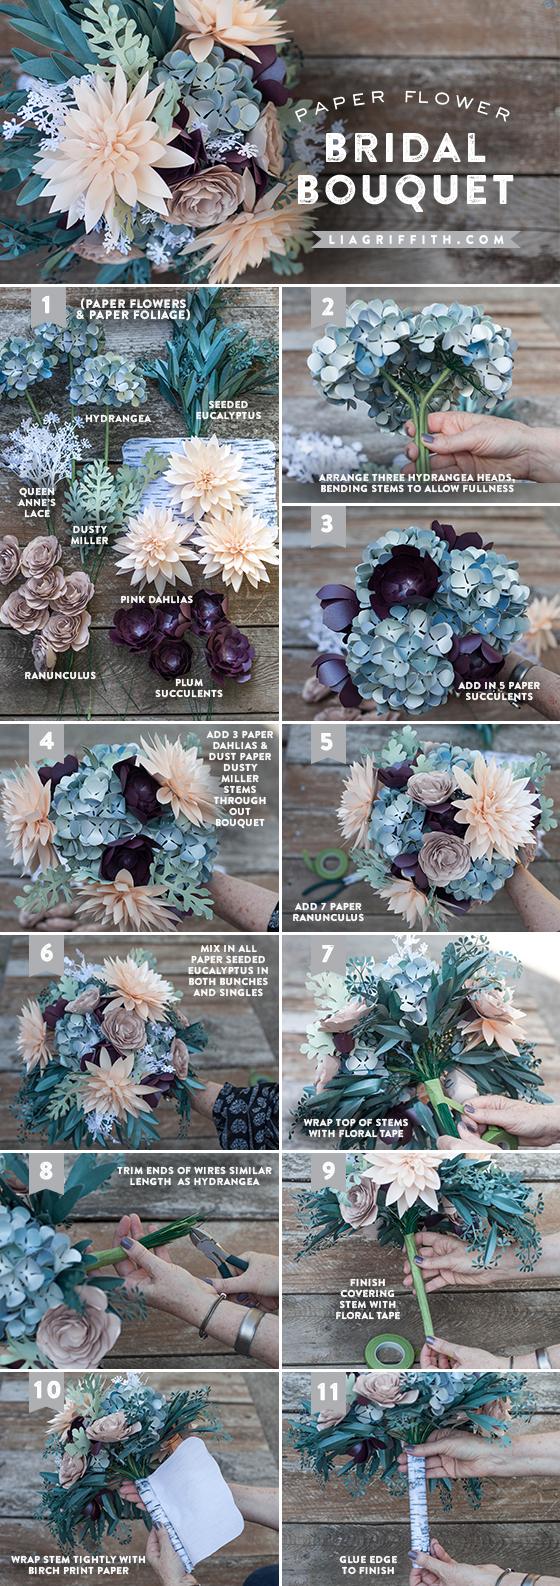 Paper flower bridal bouquet tutorial @LiaGriffith.com